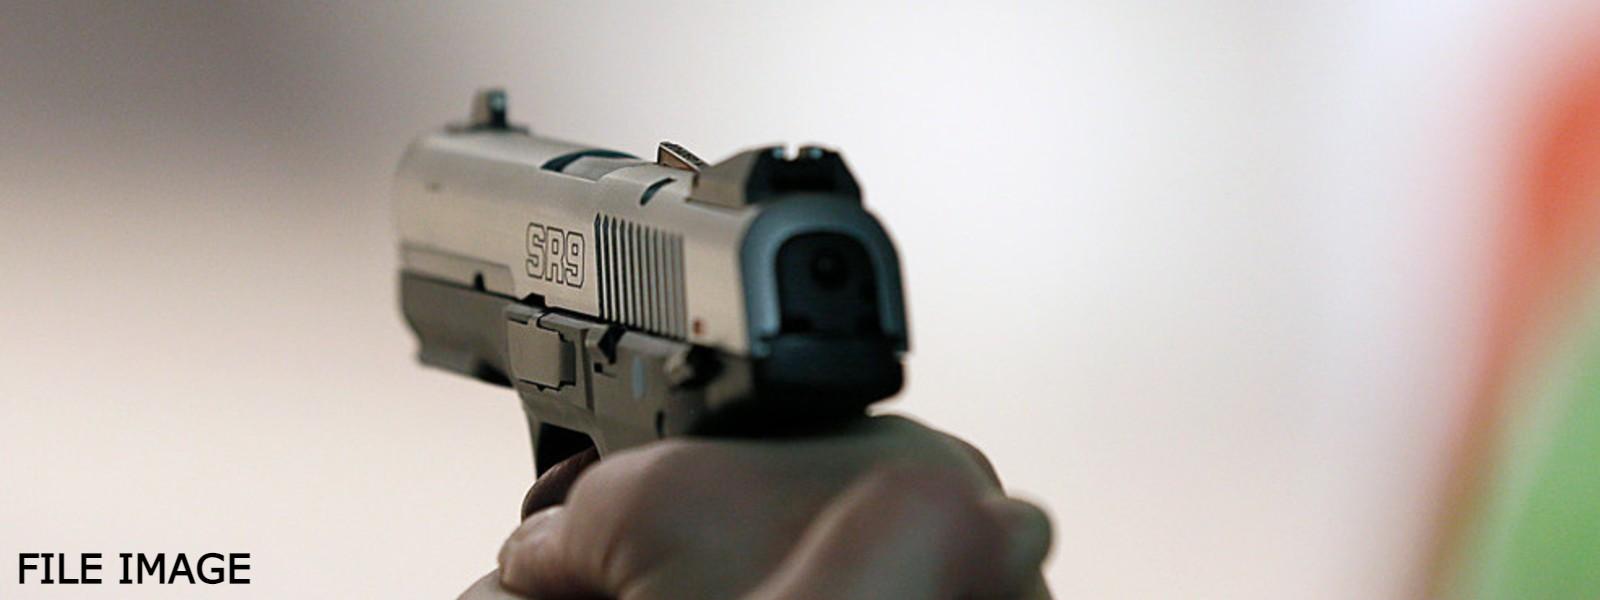 Shots fired in Wellampitiya; One suspect injured